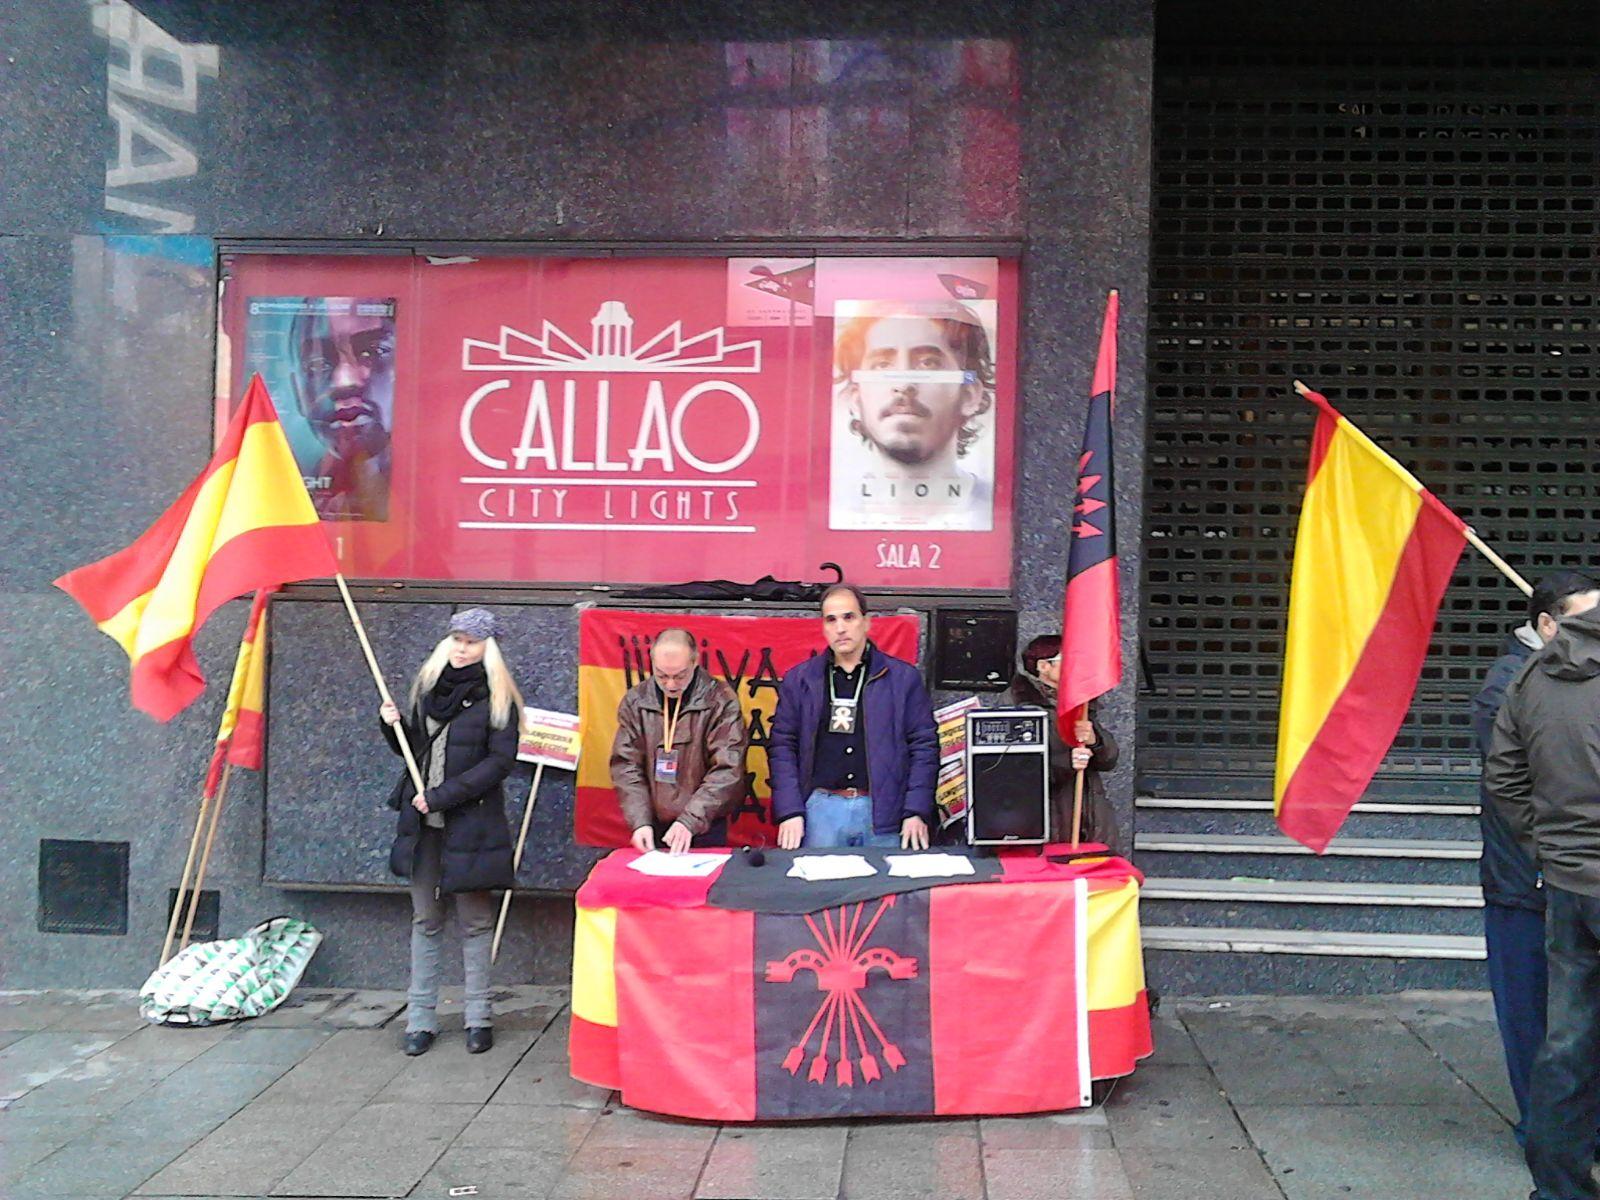 Mesa informativa en la Plaza de Callao para recogida de firmas en apoyo a los encausados en Blanquerna